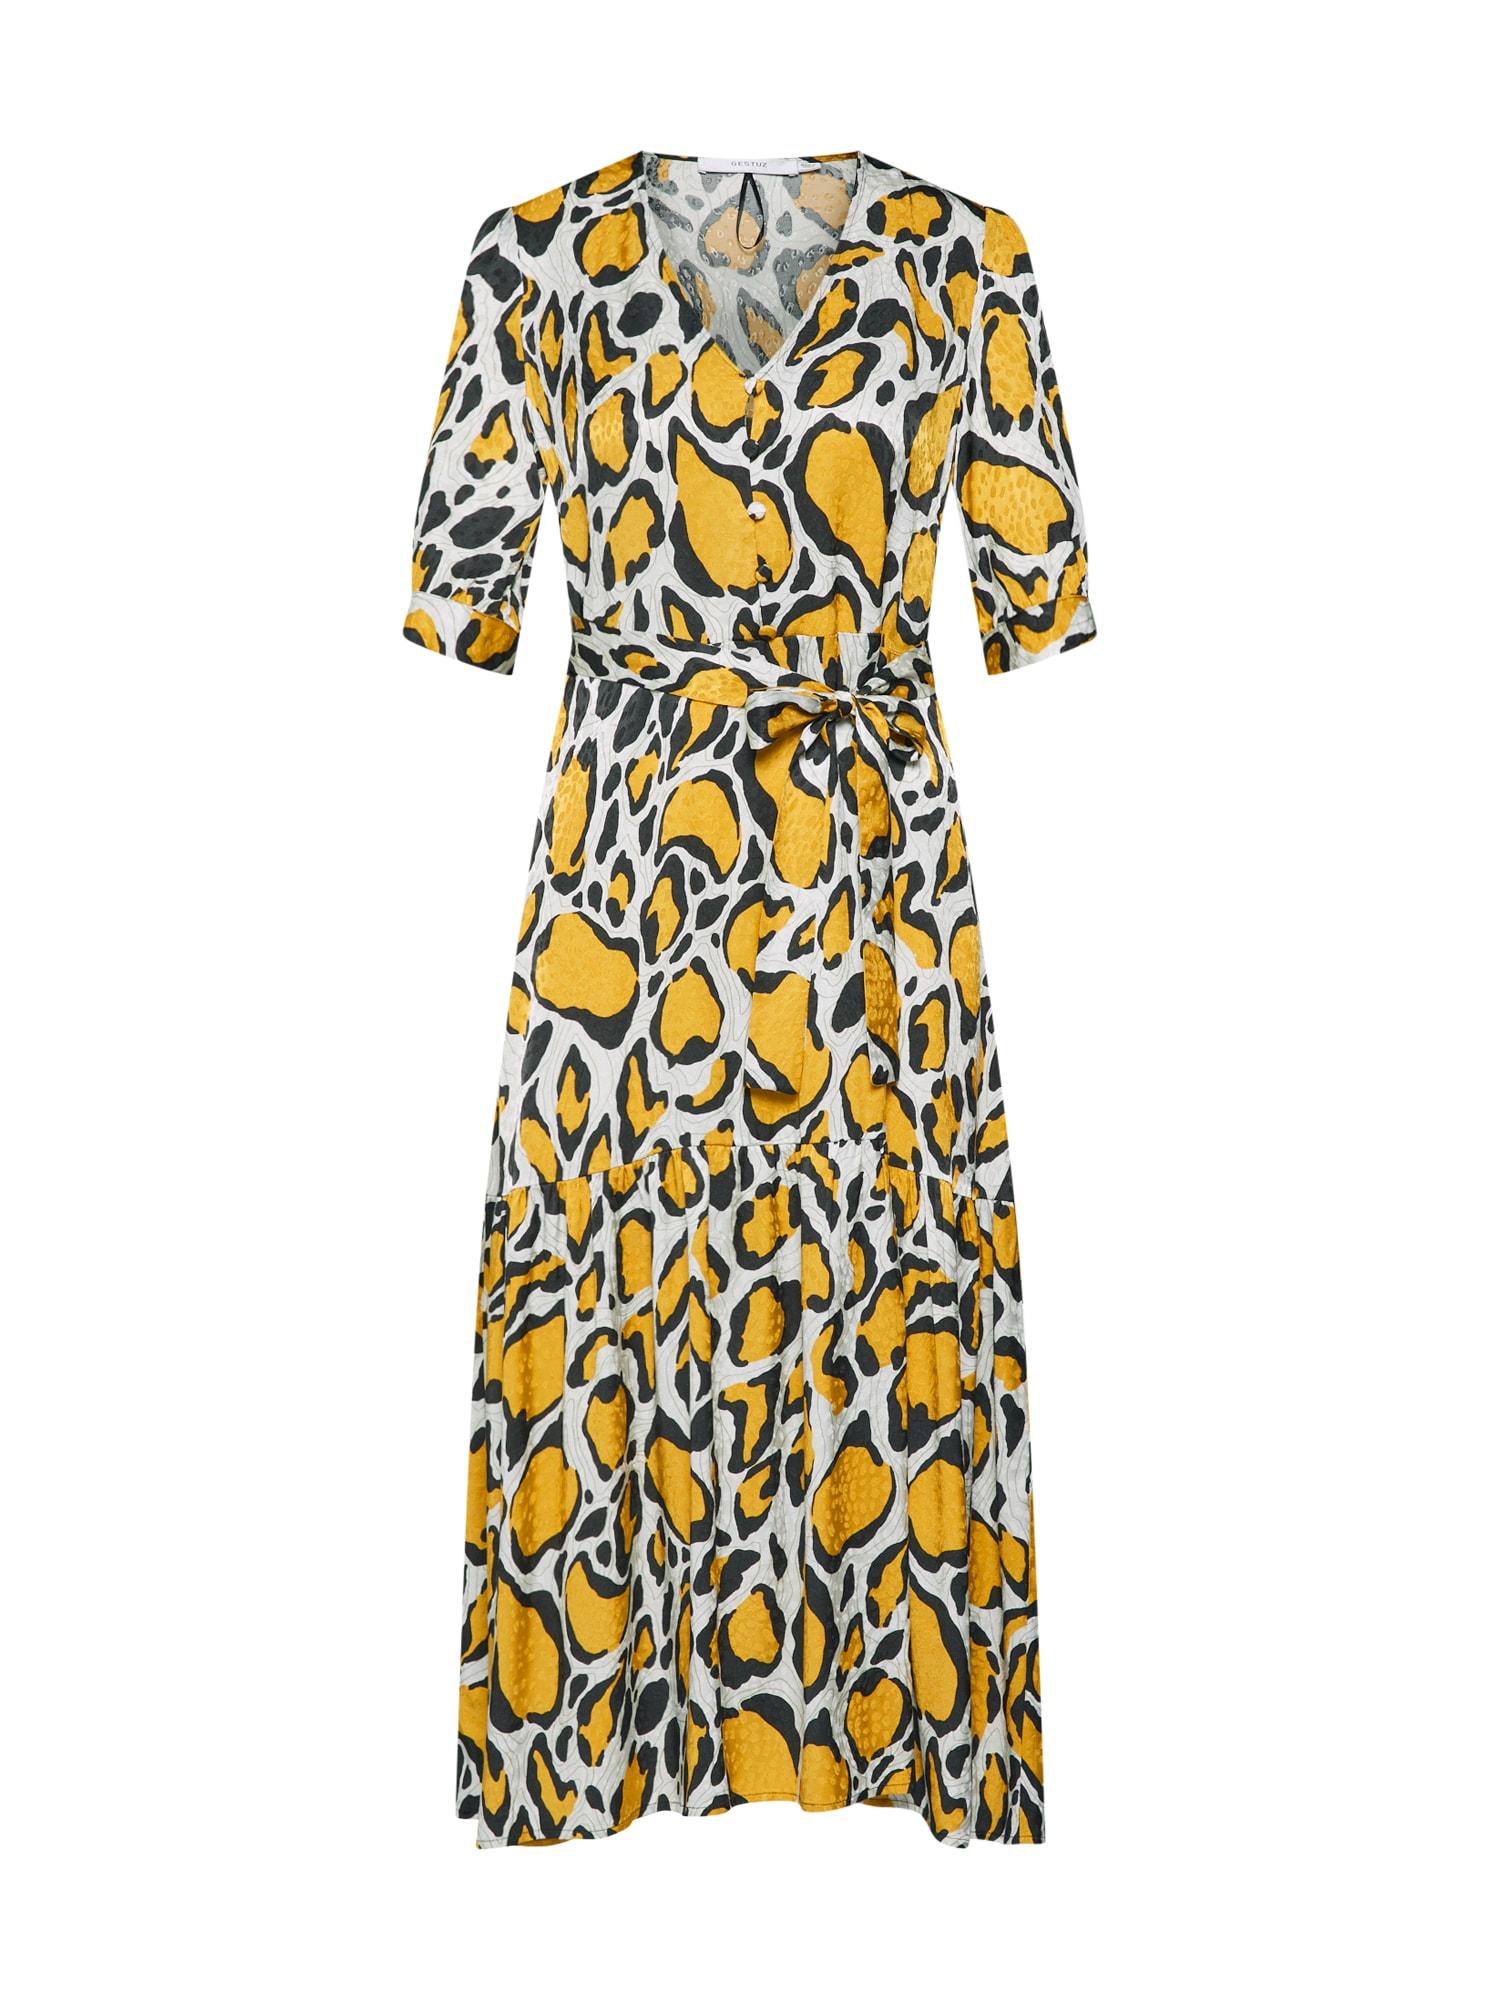 Šaty Irina béžová hnědá žlutá Gestuz